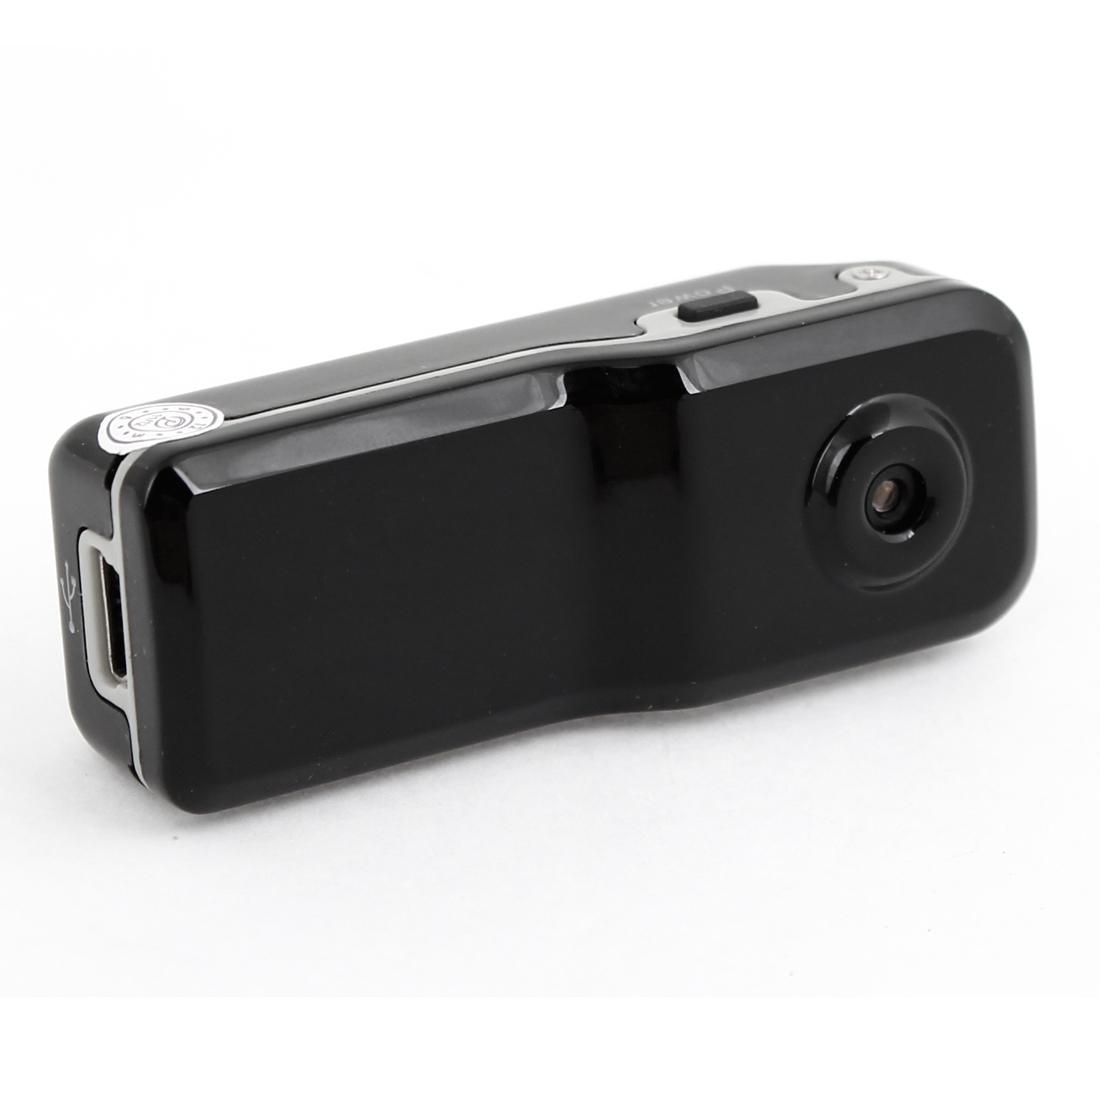 Black Plastic Casing 480P Mini Camera DV Recorder w Stand Strap